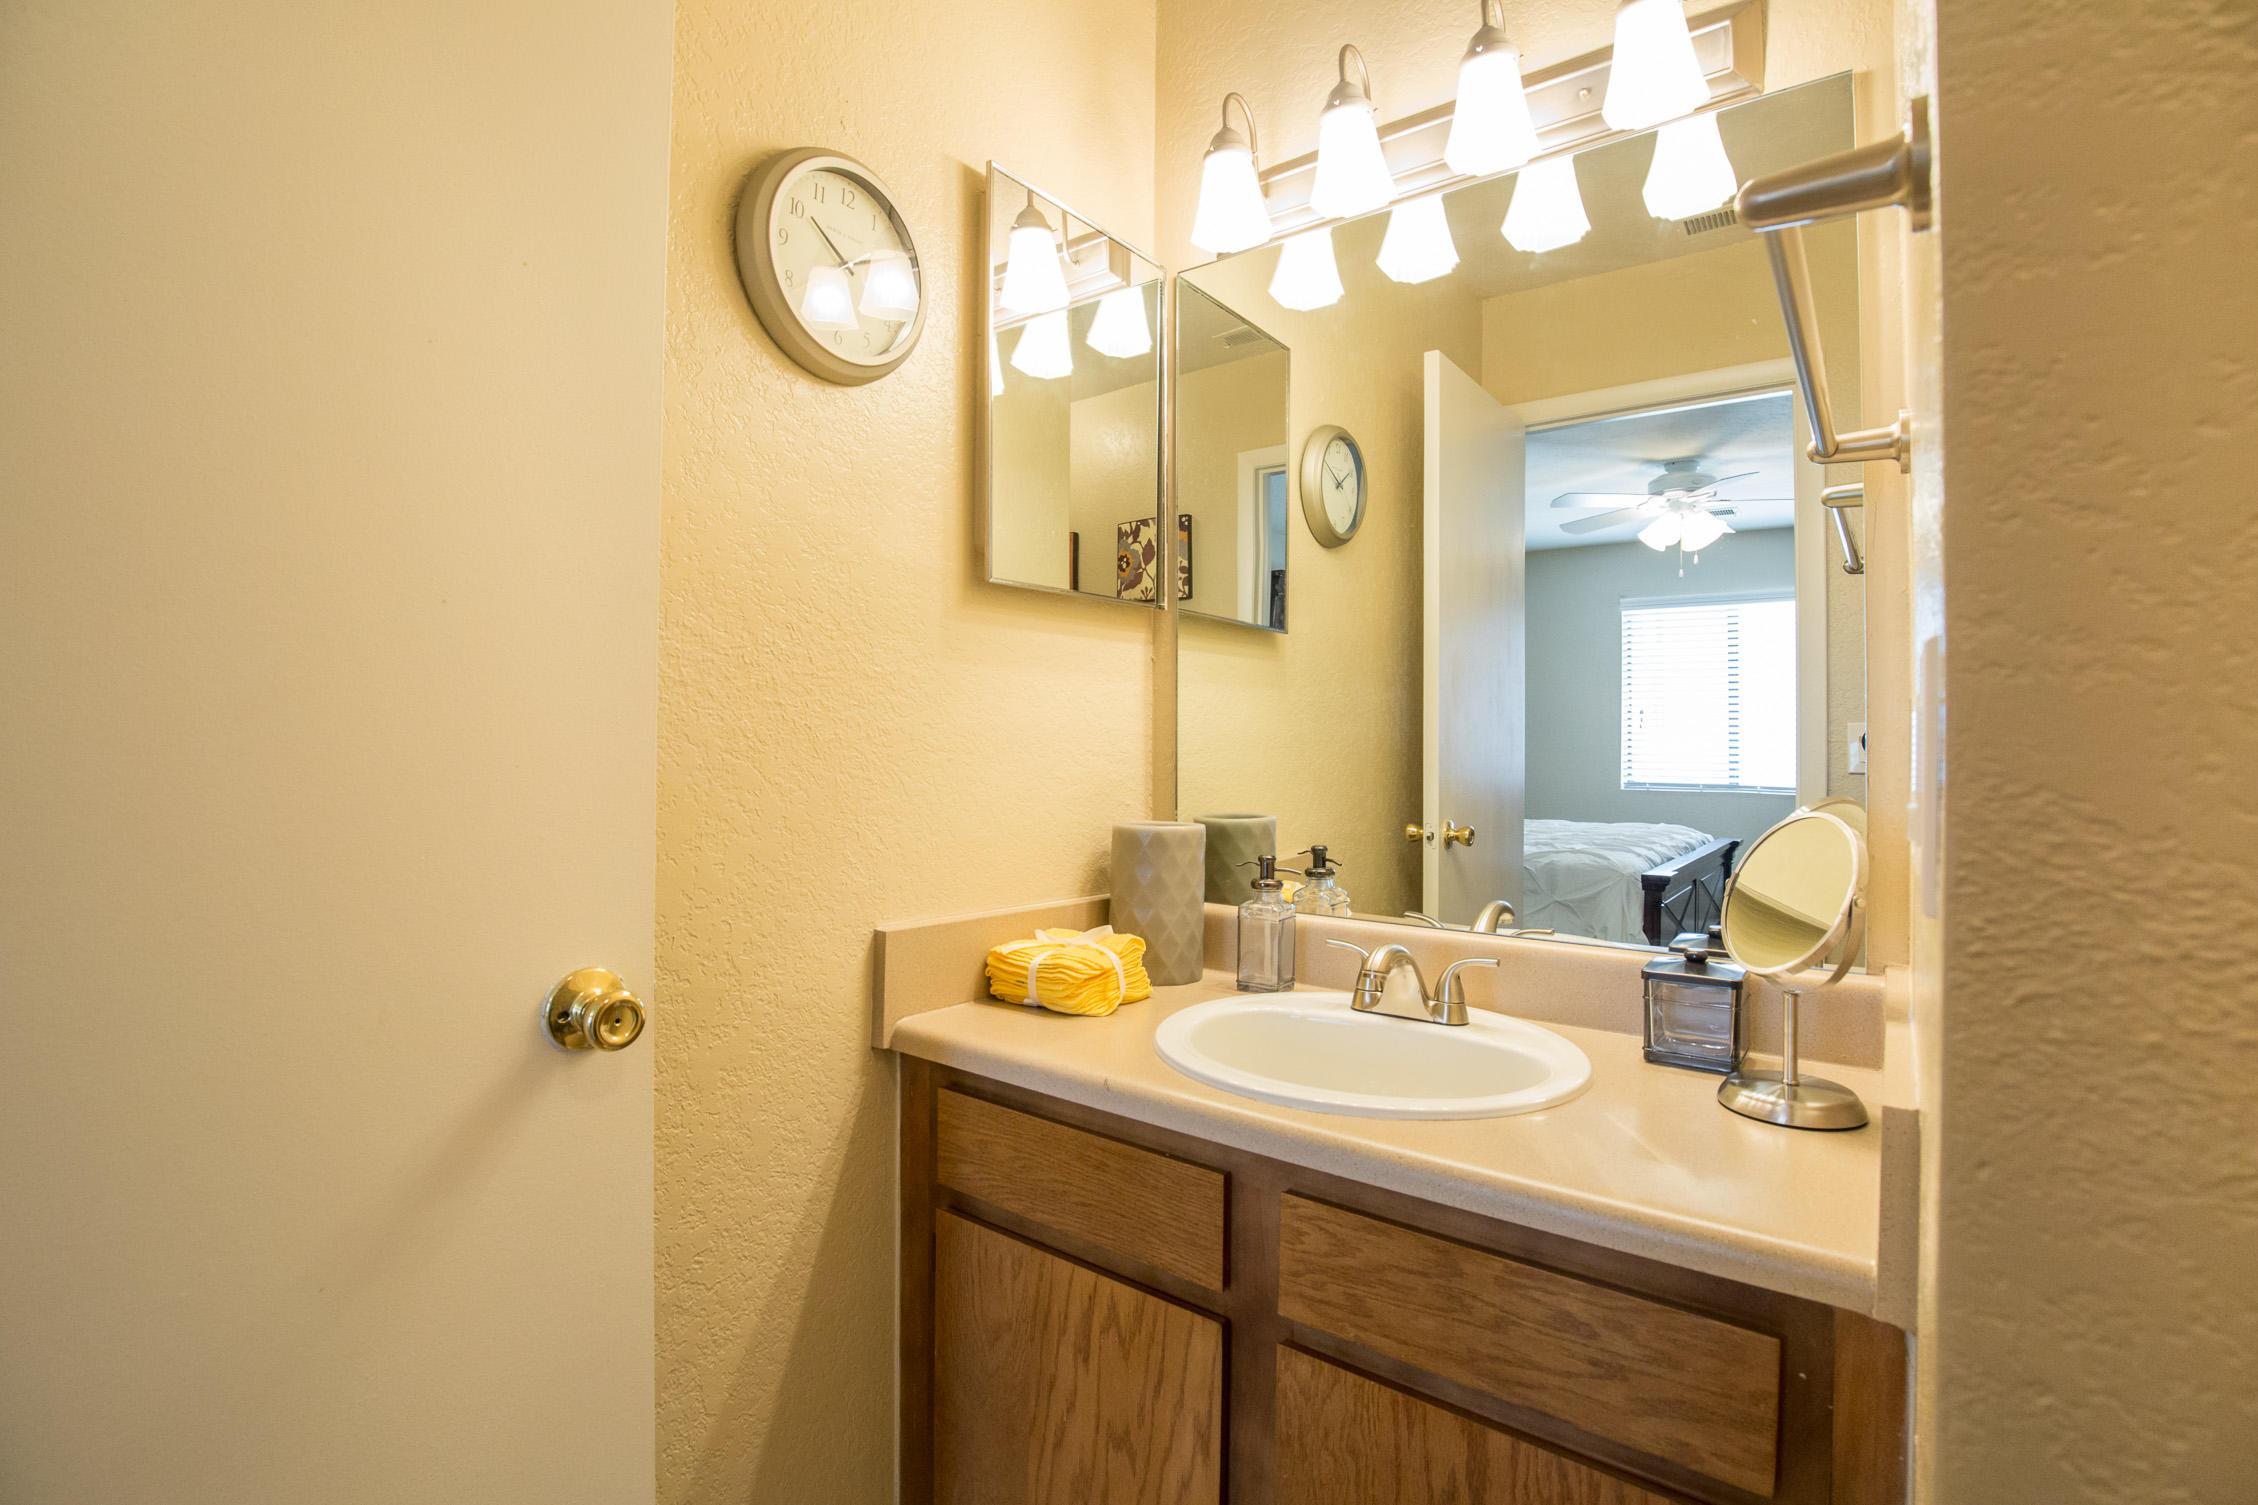 Timberlake Village Apartments image 21